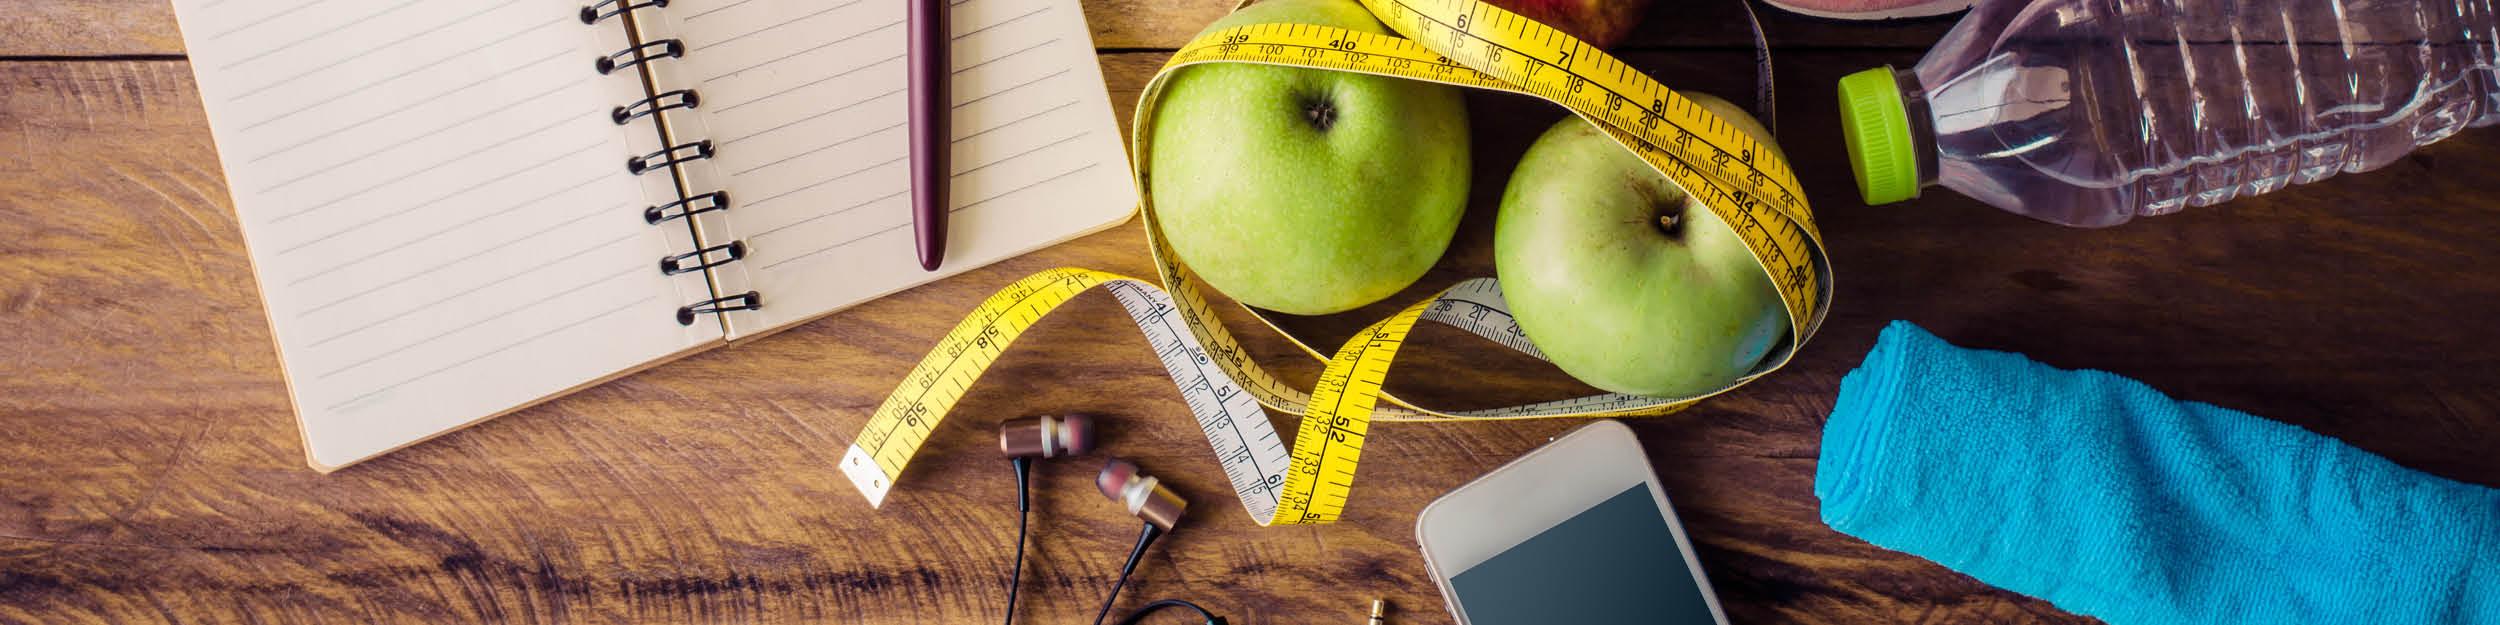 Exercise Notebook Pen Apples Tape Measure Towel Water Phone Headphones